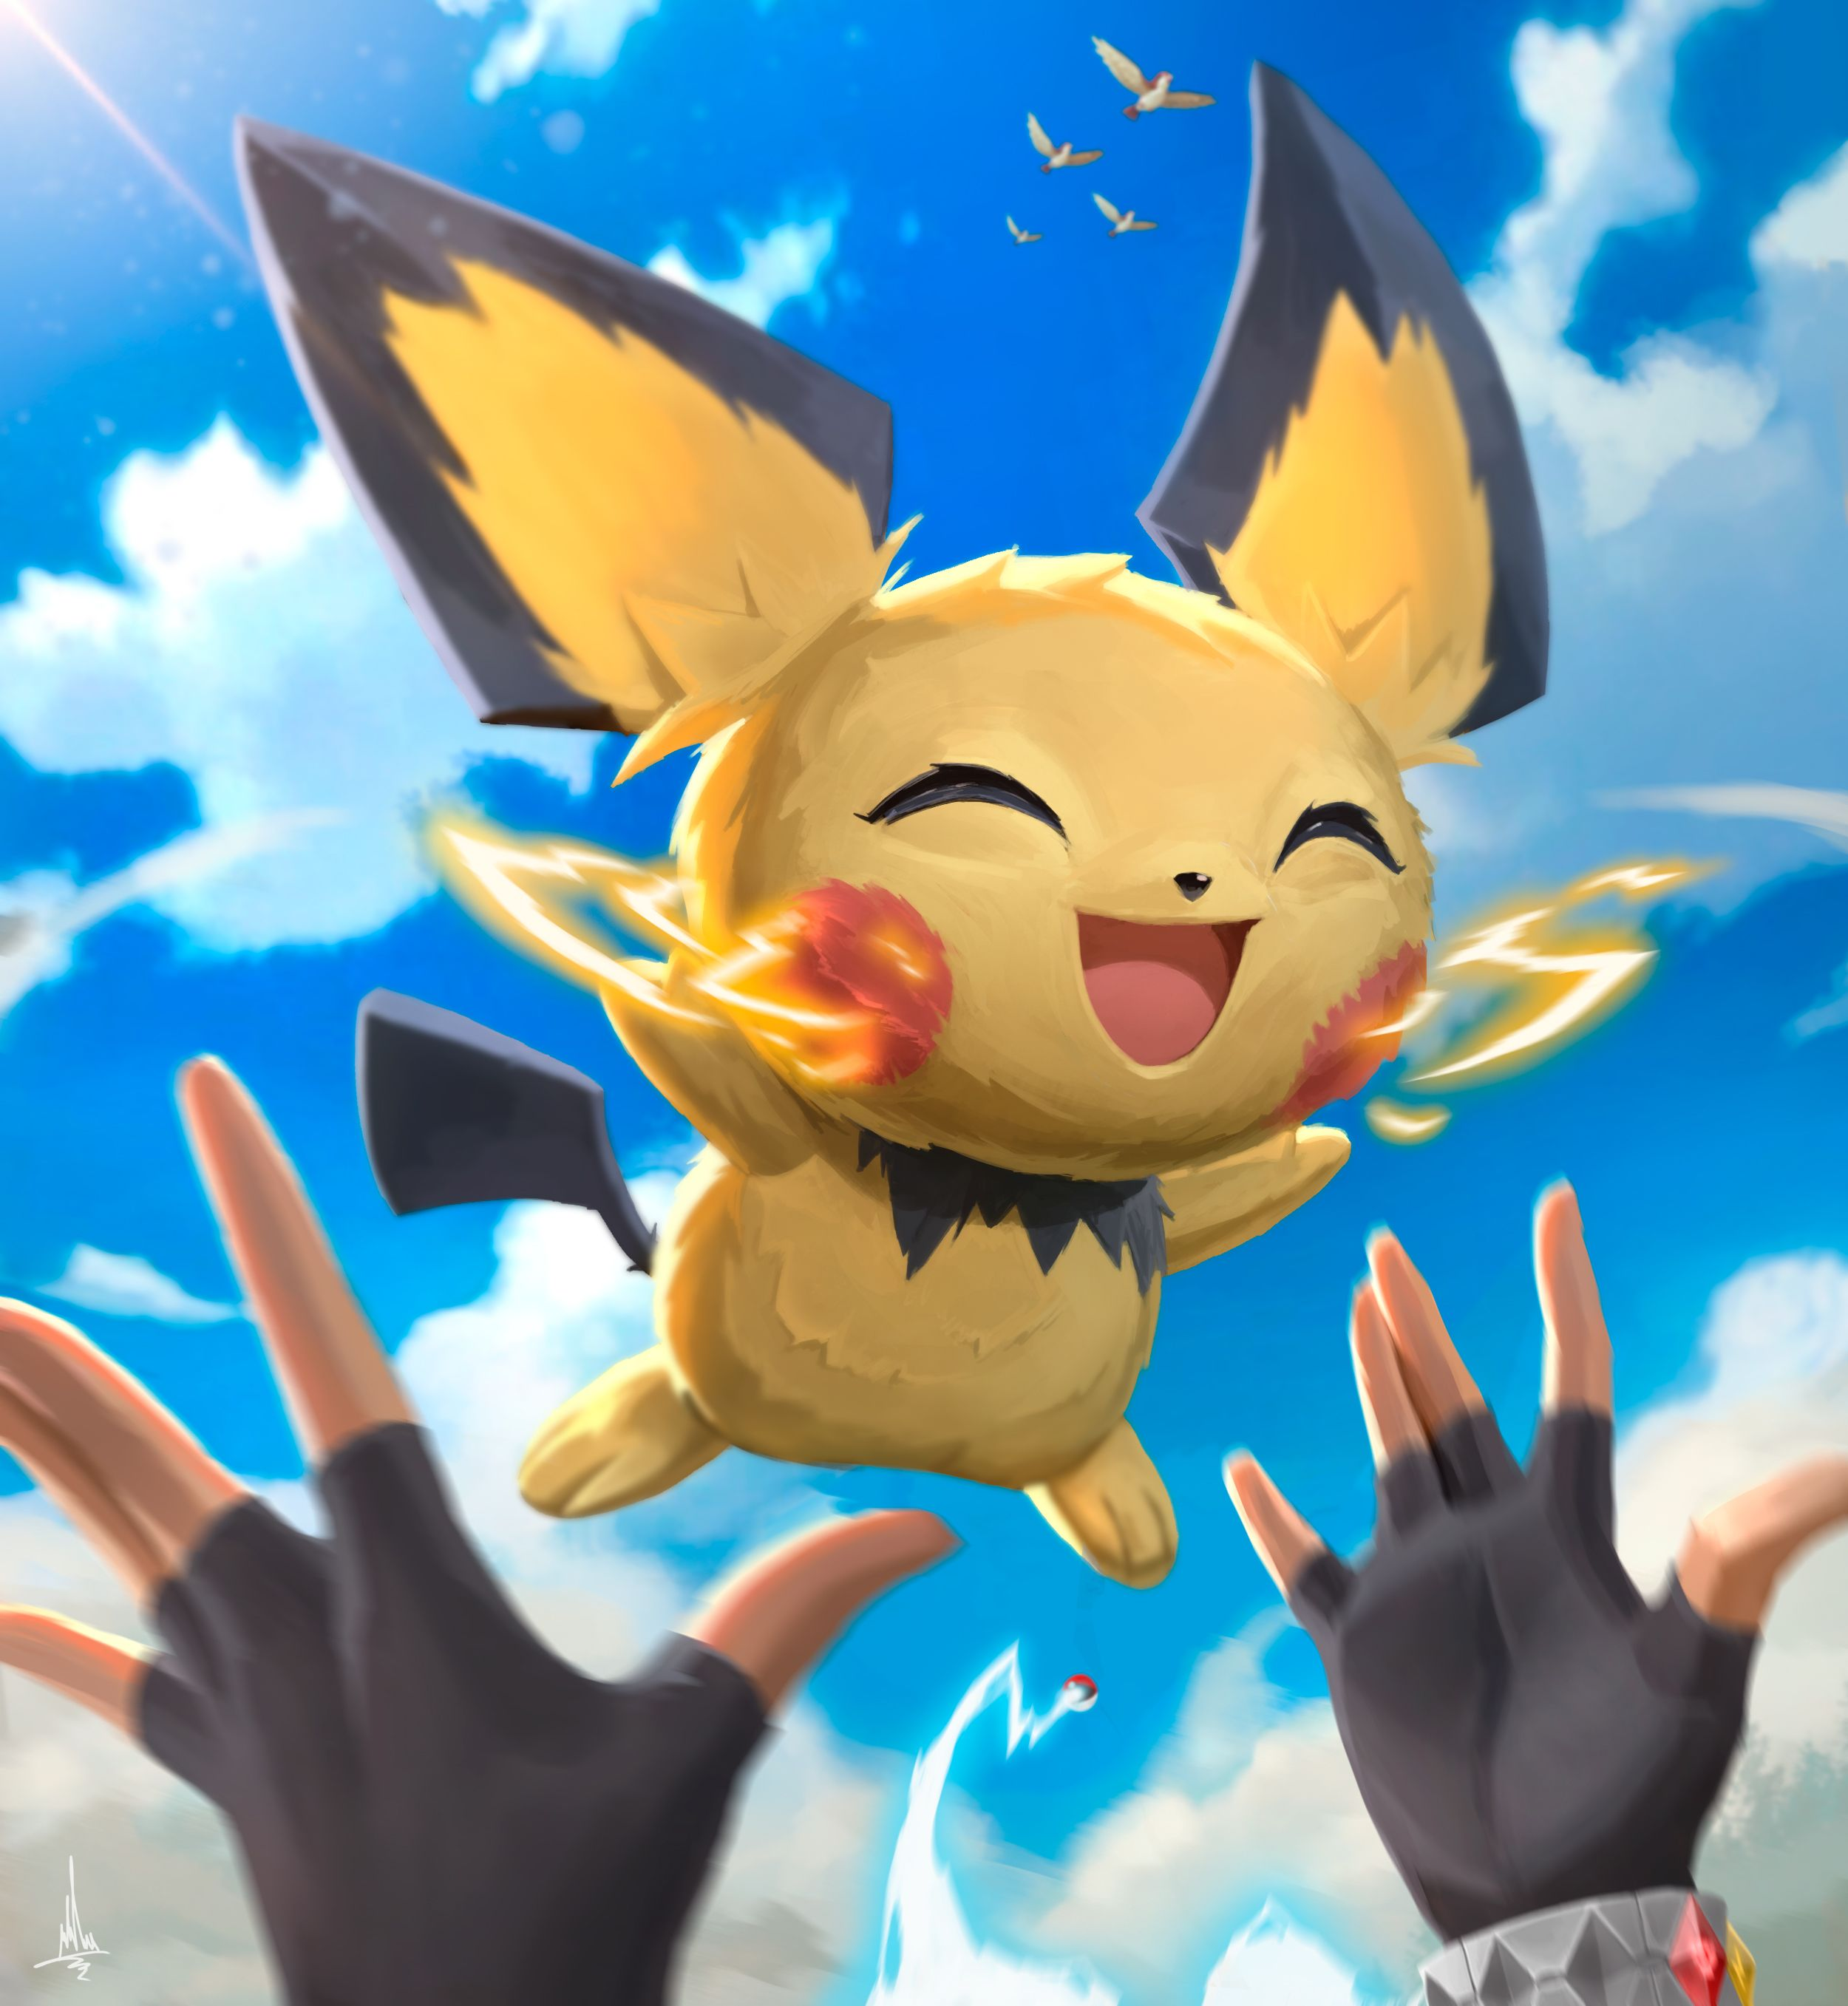 My Pokemon Fan Art Pichu S First Battle Pokemon Fan Art Cute Pokemon Wallpaper Pokemon